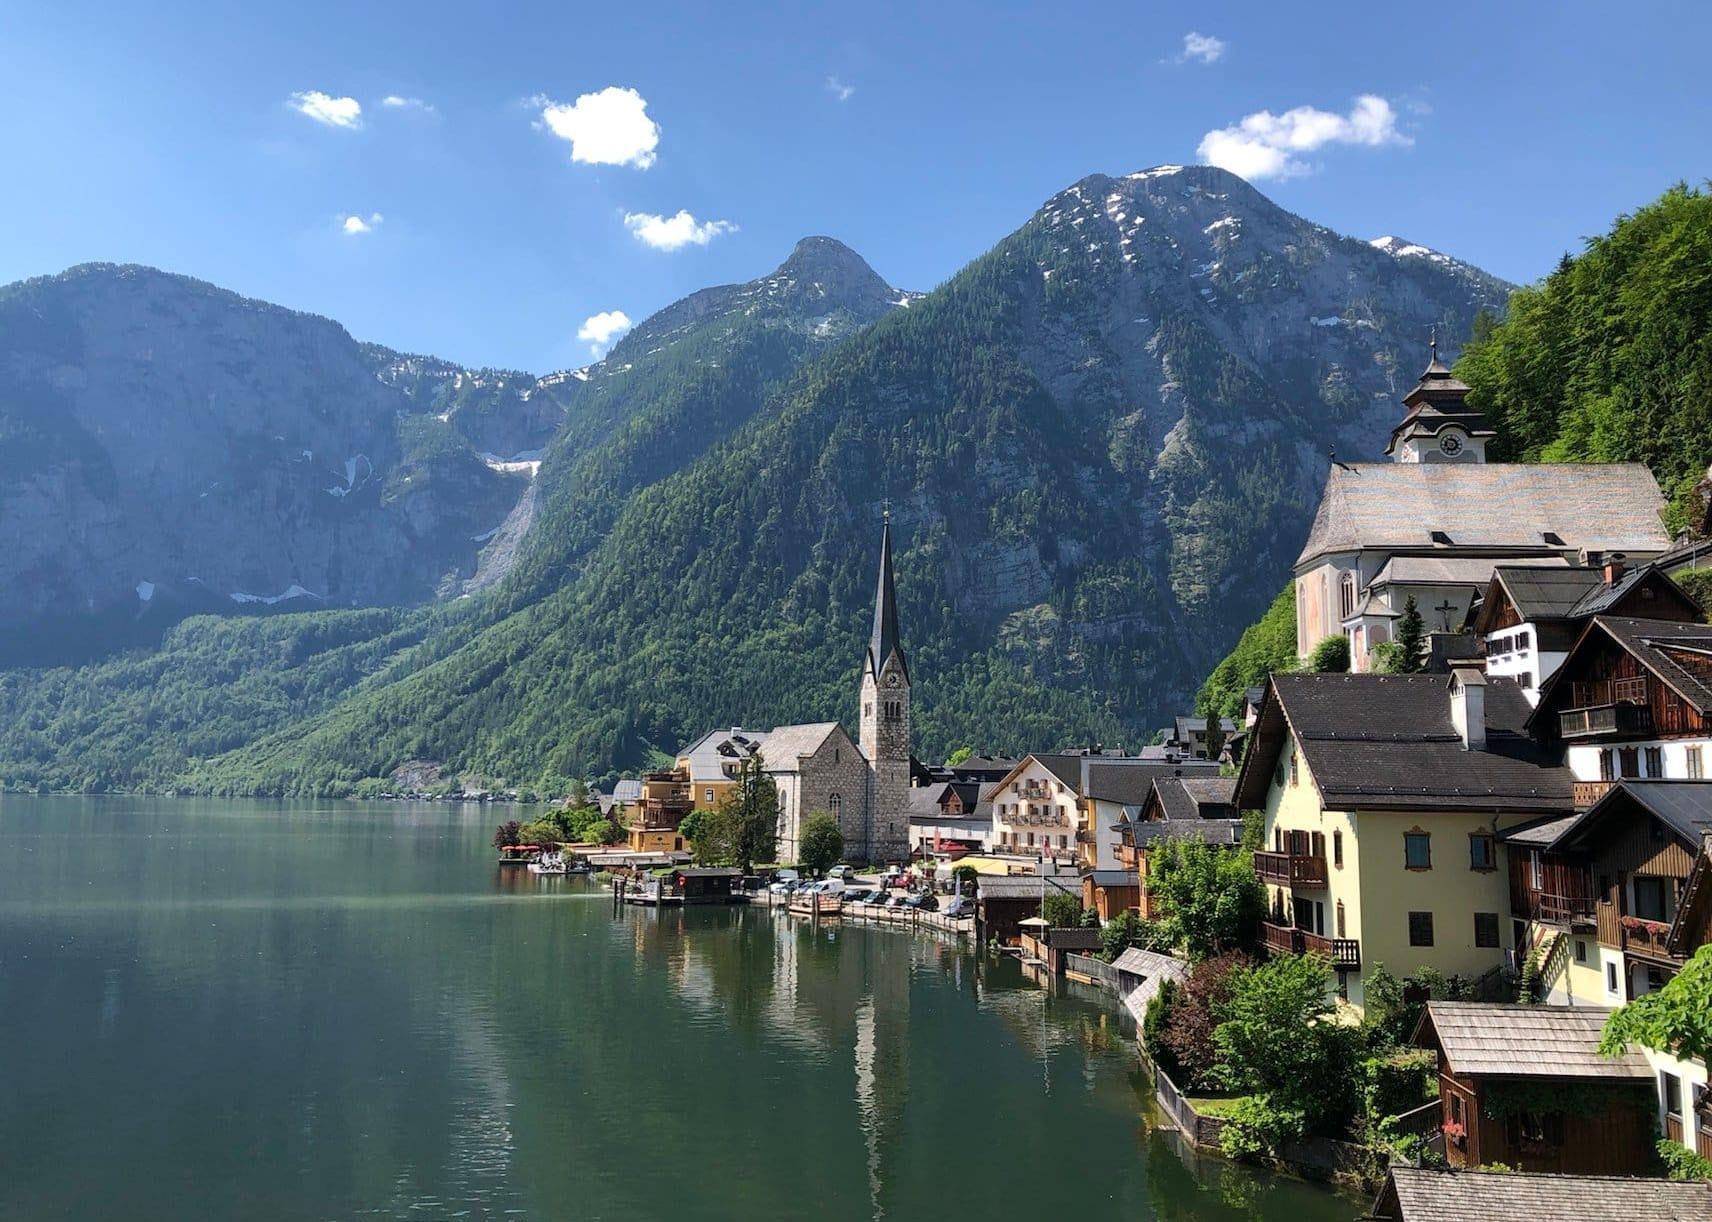 2020 von Österreichern und Österreicherinnen gerne besucht und am meisten fotografiert: Der Hallstätter See. (c) Journi